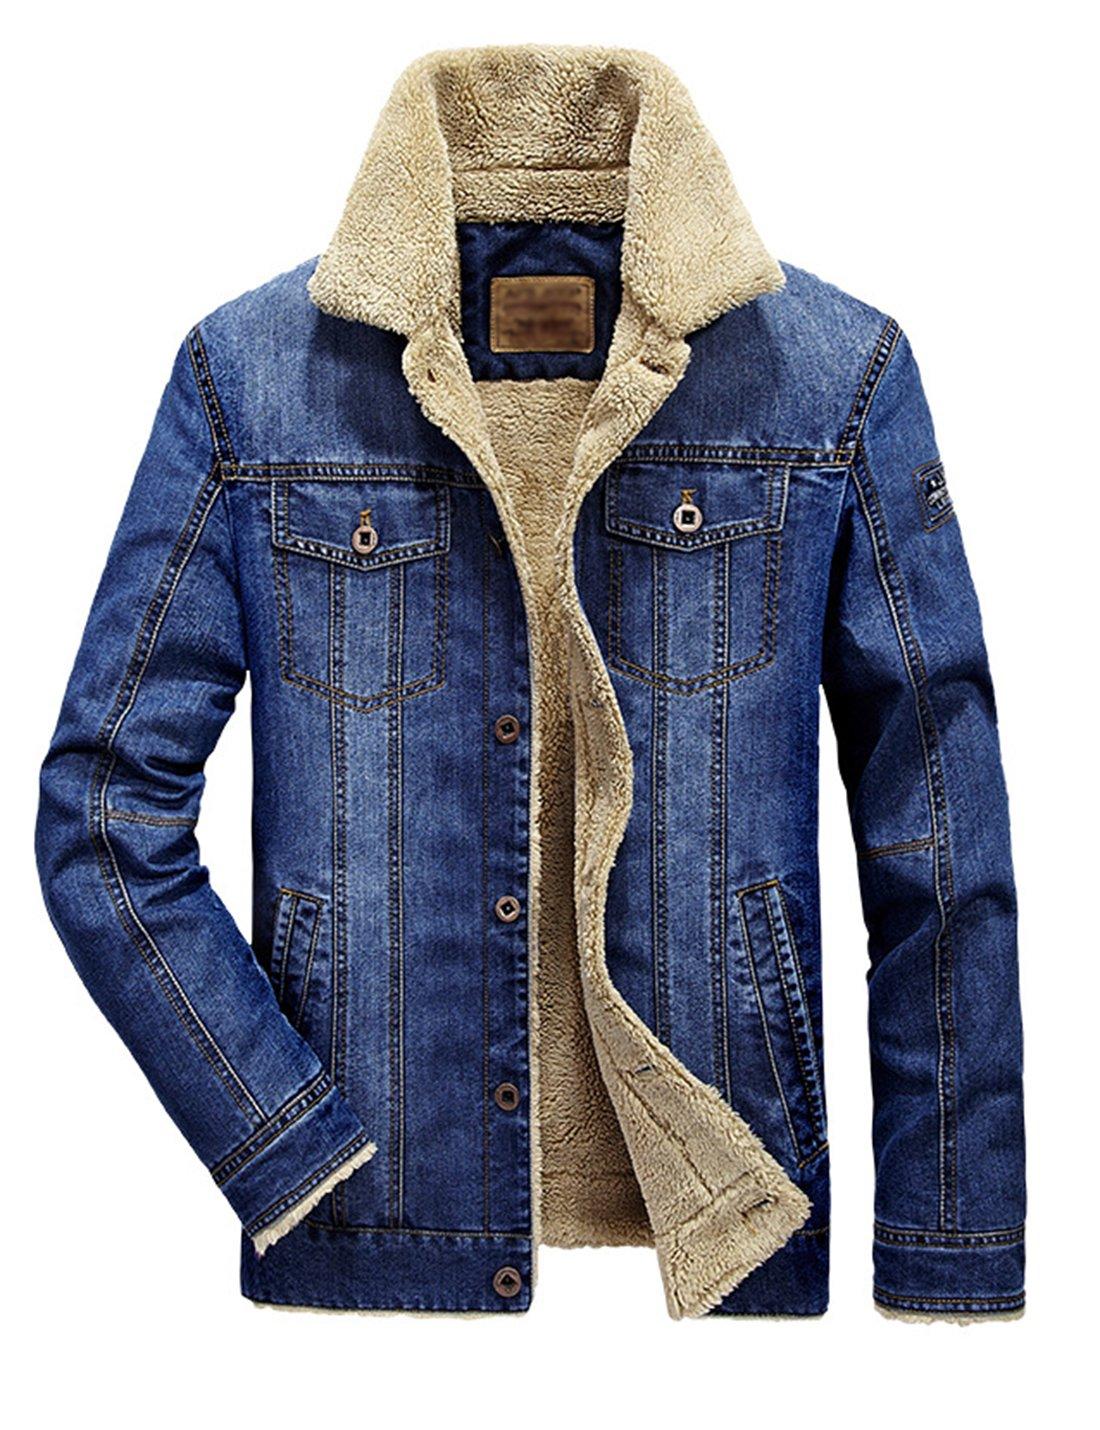 Lentta Men's Winter Warm Thick Short Sherpa Lined Denim Jean Trucker Shearling Jacket (Large, Light Blue)